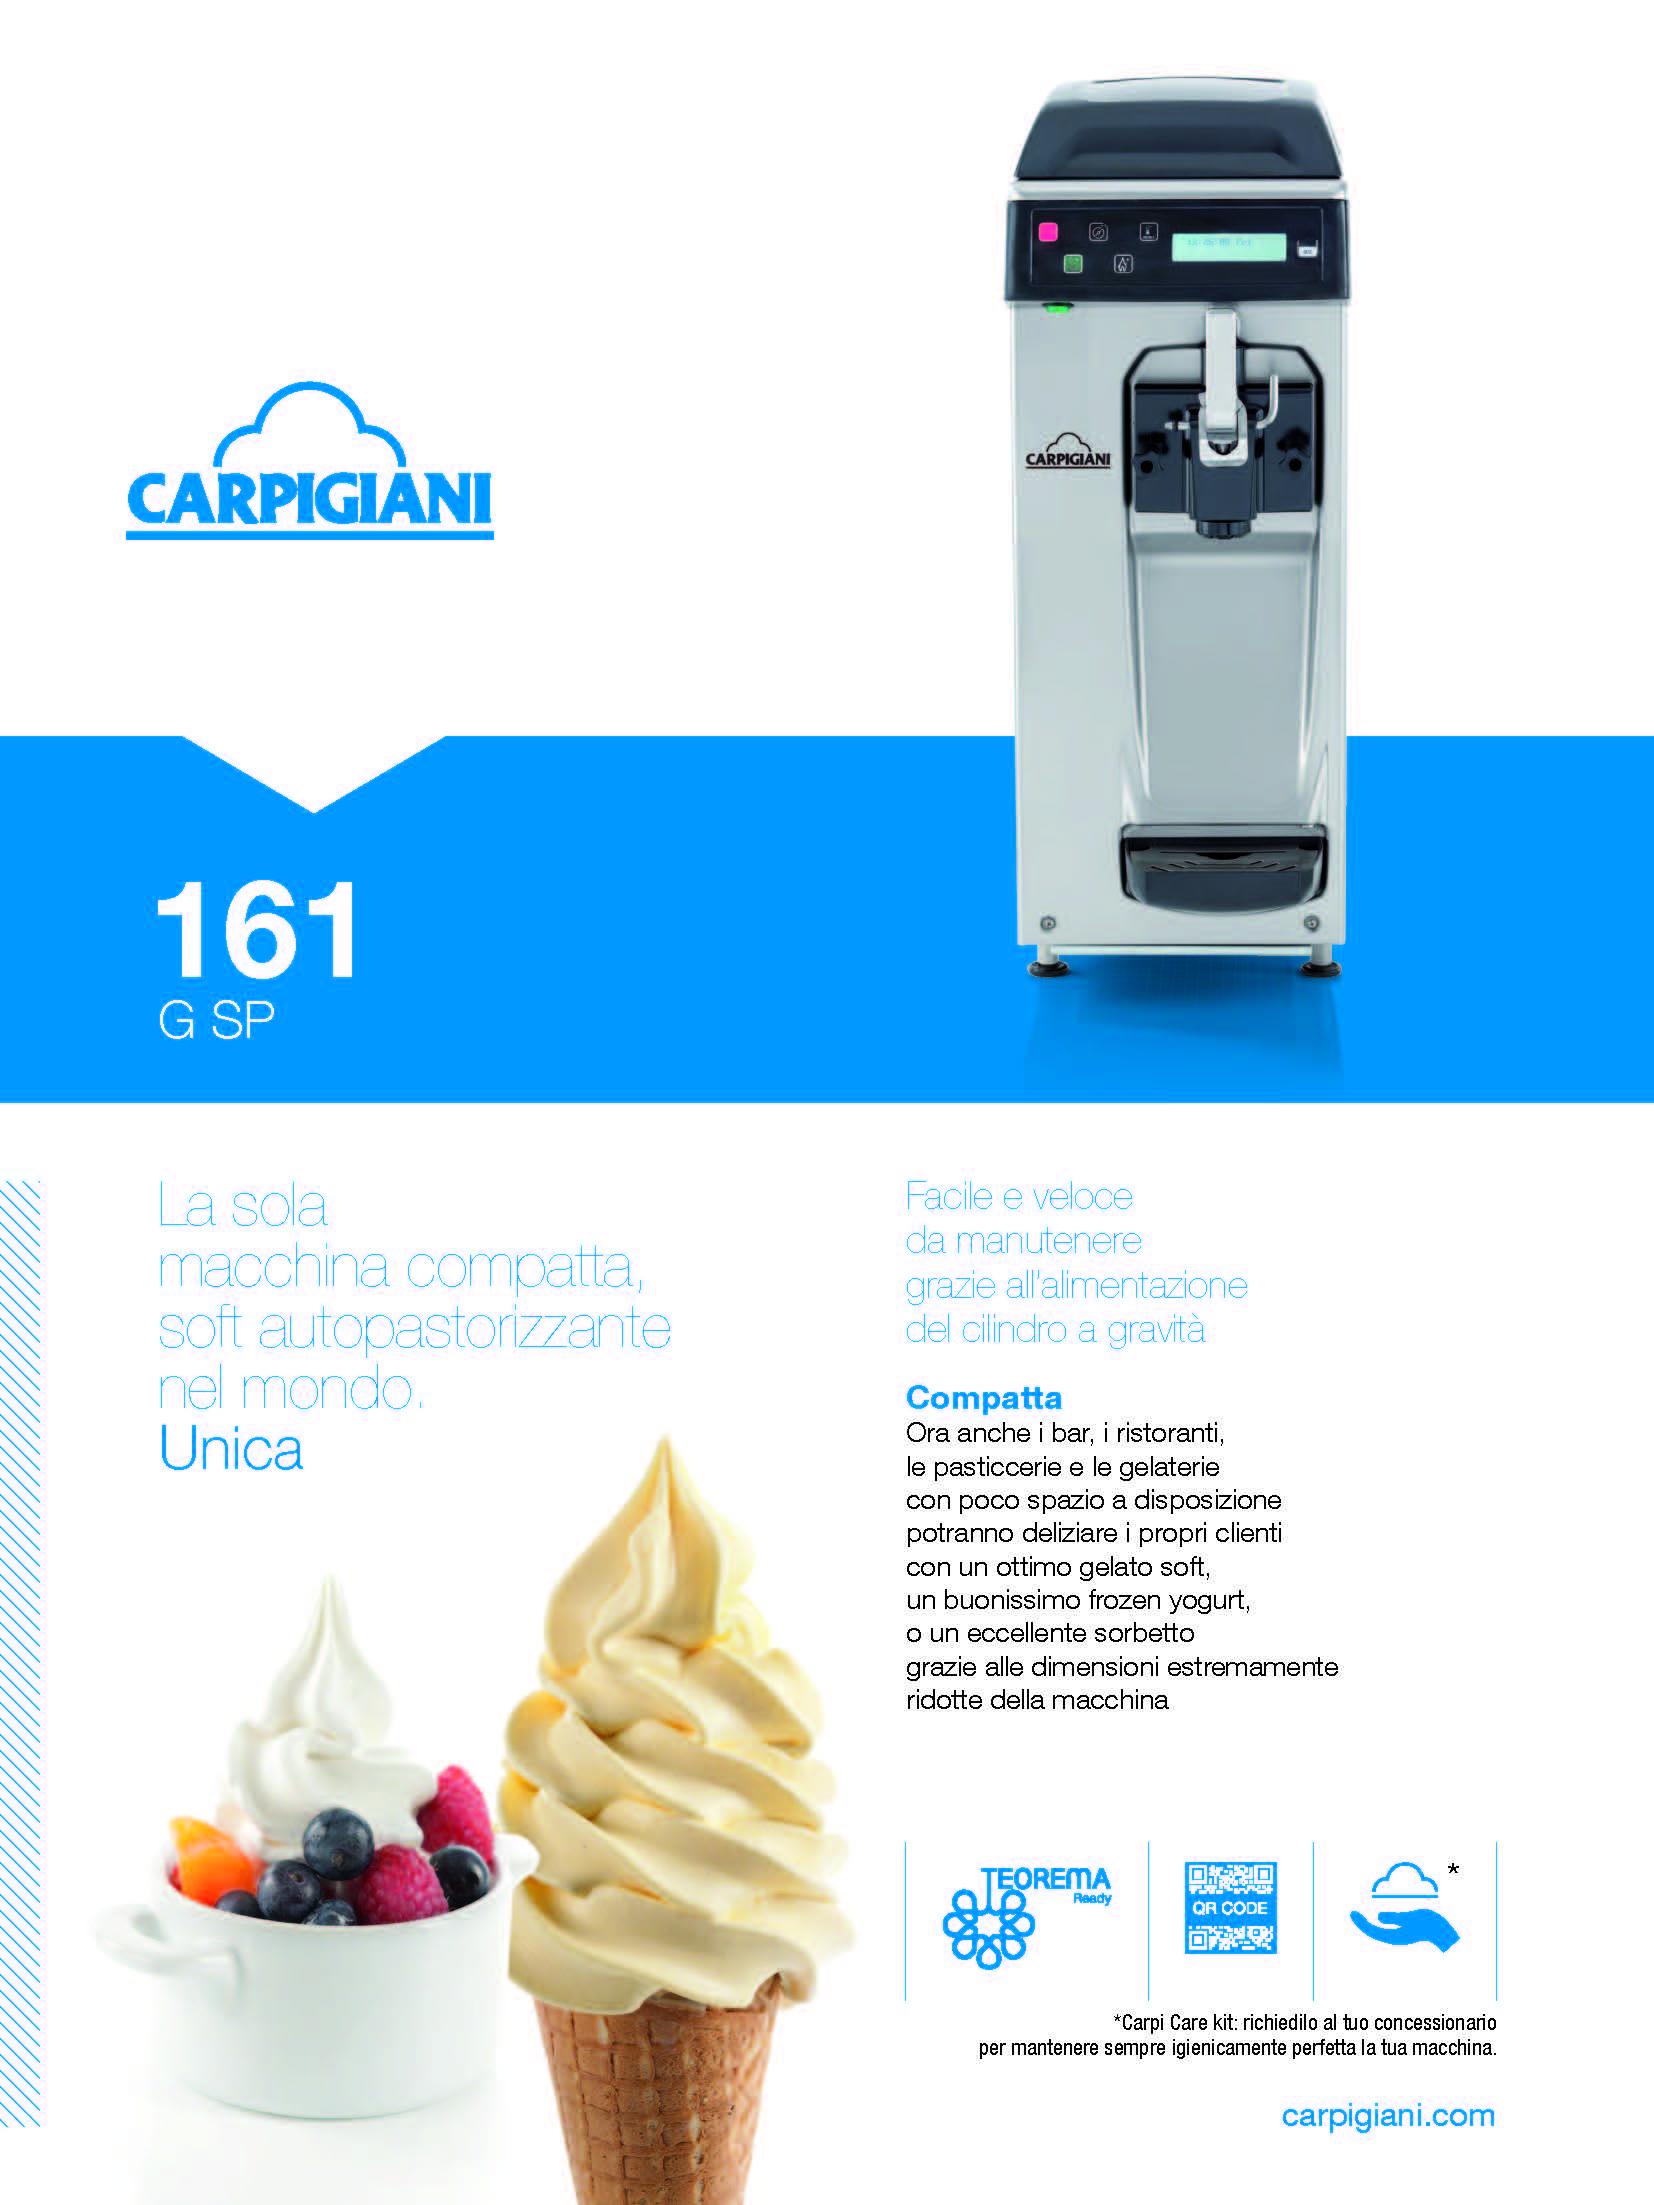 Carpigiani – 161 G SP